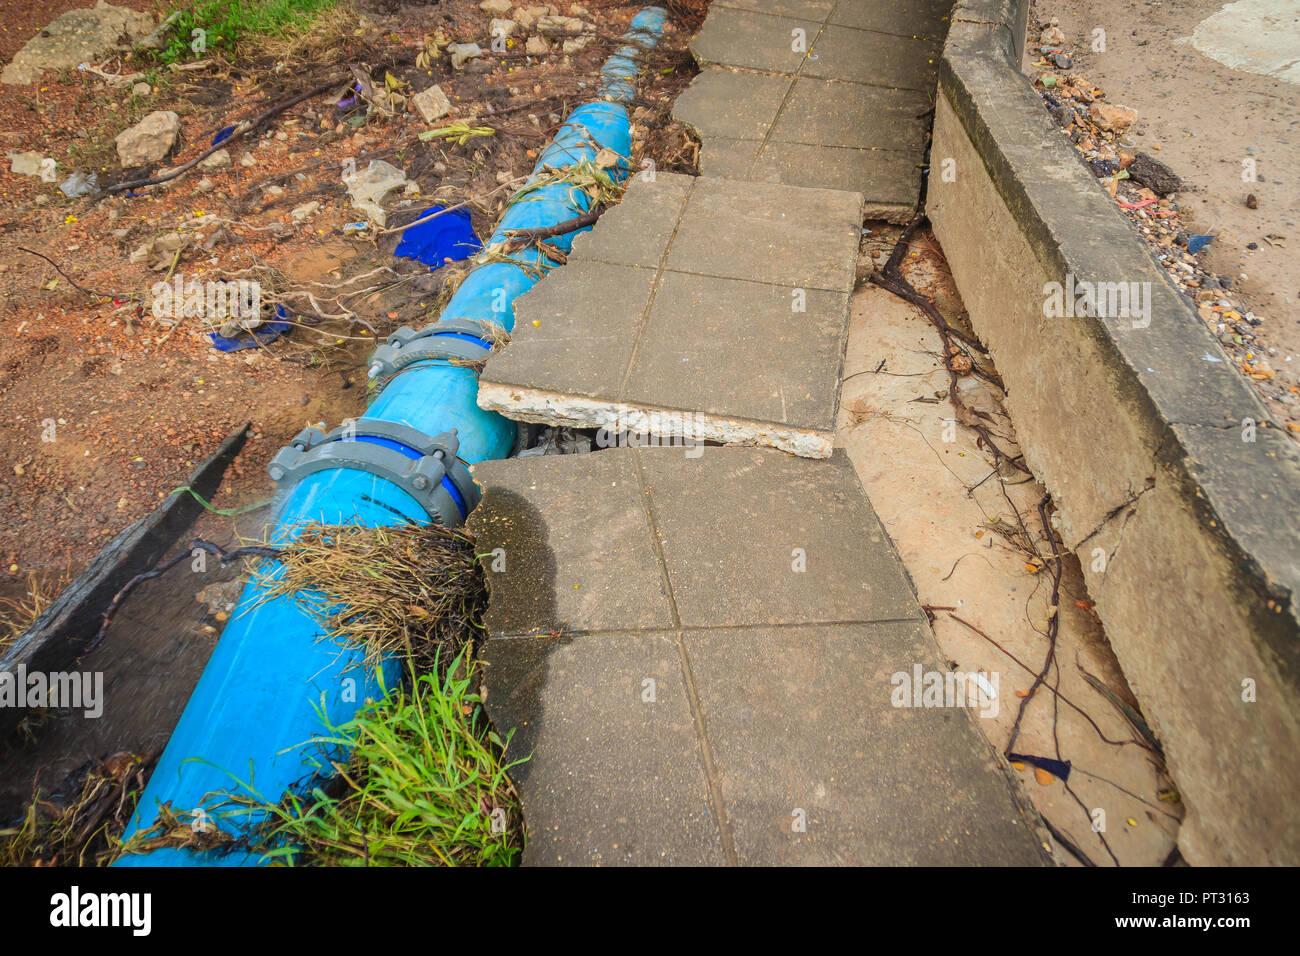 Pvc Pipe Plumbing System Stock Photos Amp Pvc Pipe Plumbing